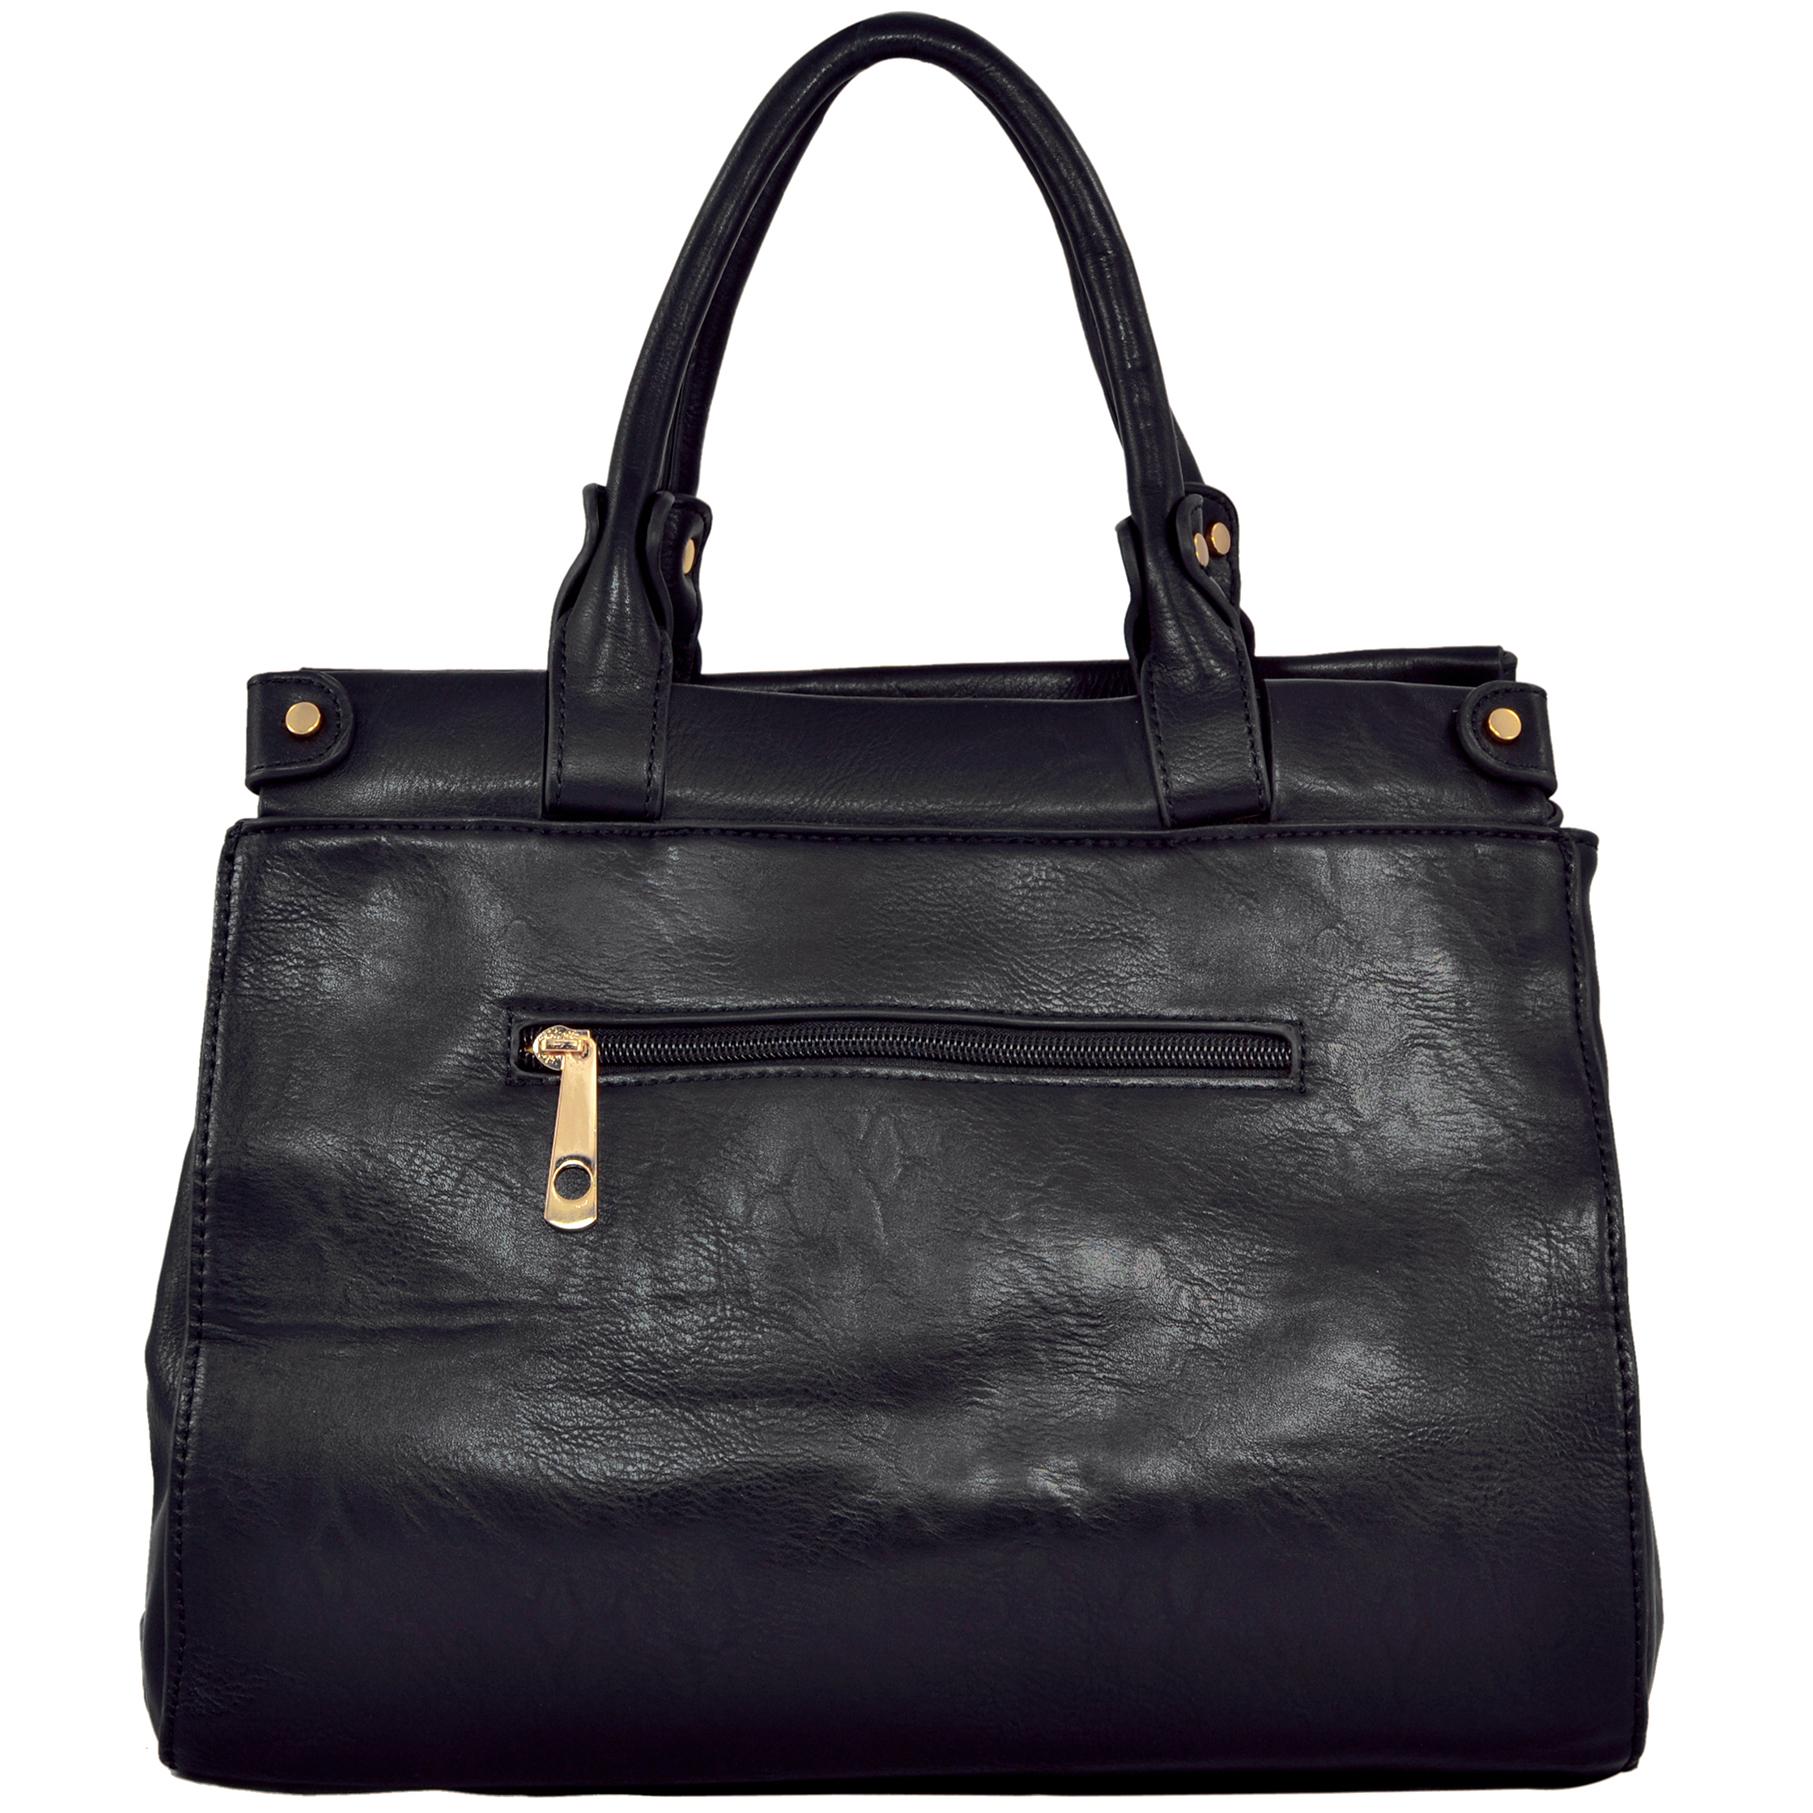 wendy brown satchel style shoulder bag back image